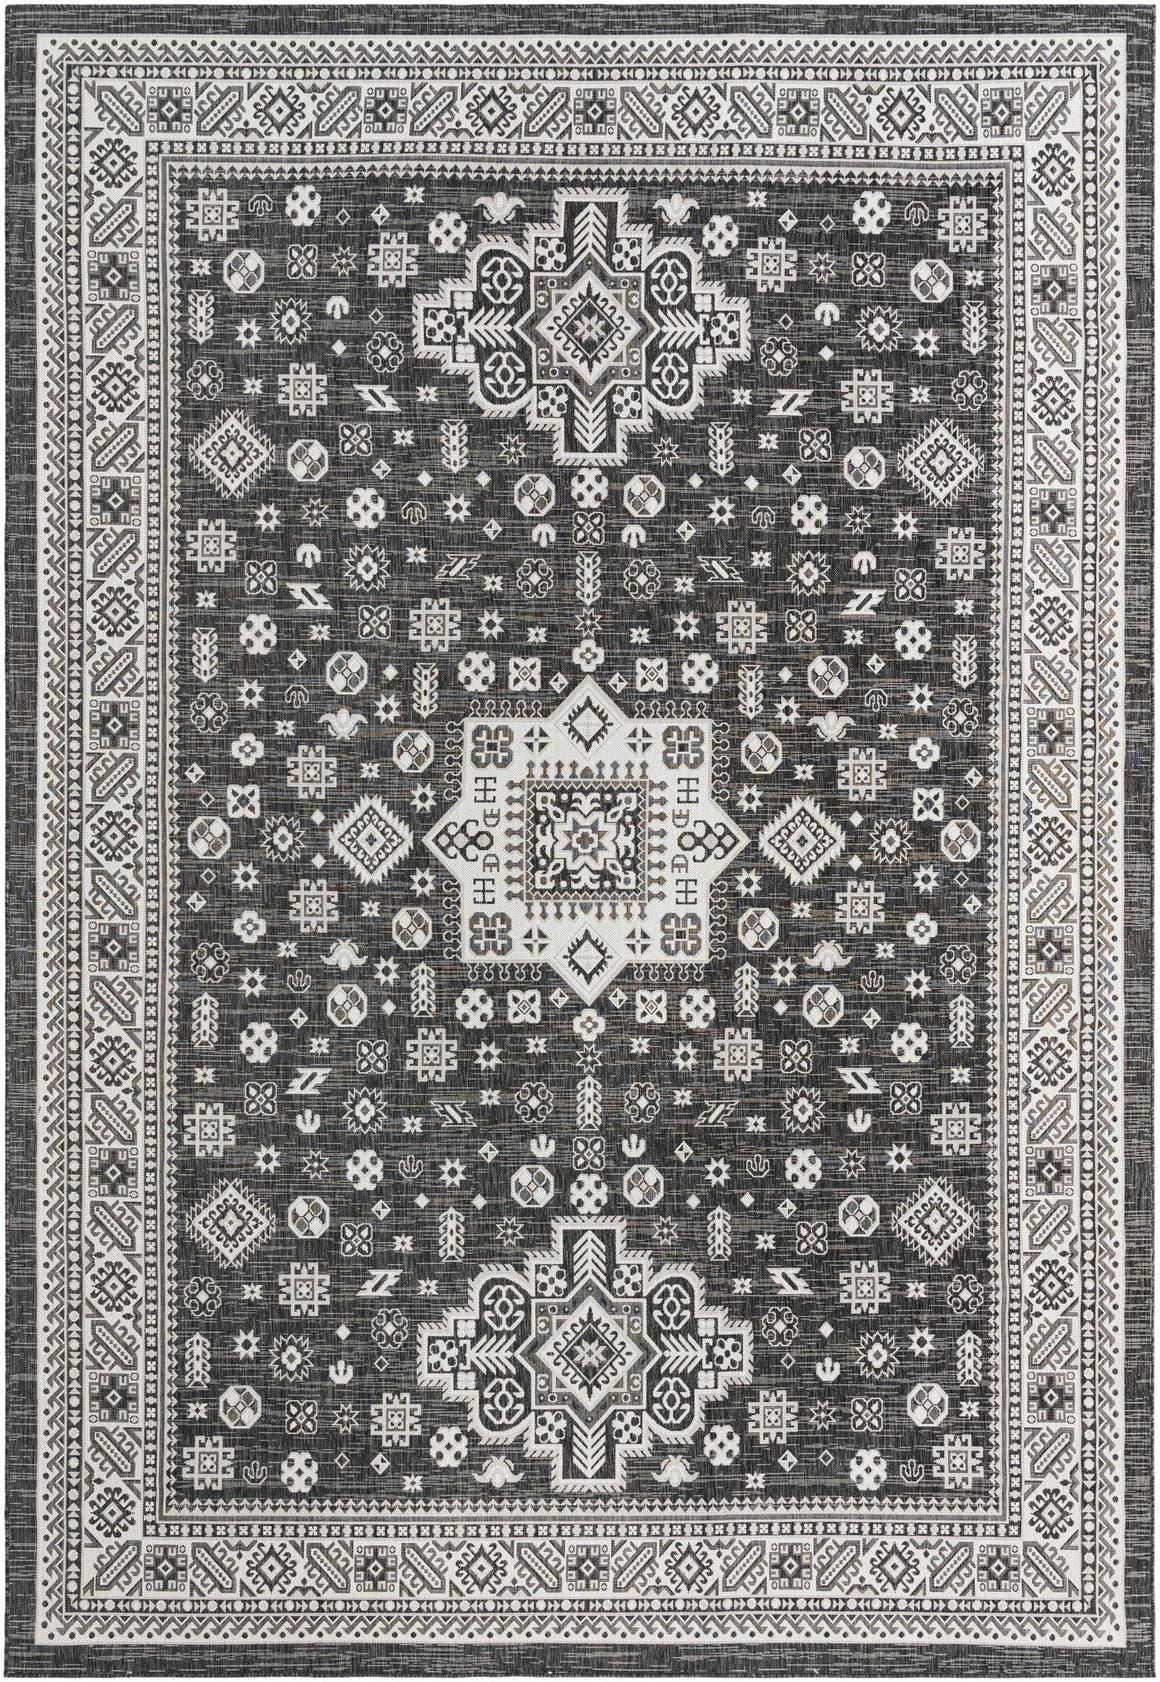 10' x 14' Outdoor Aztec Rug main image